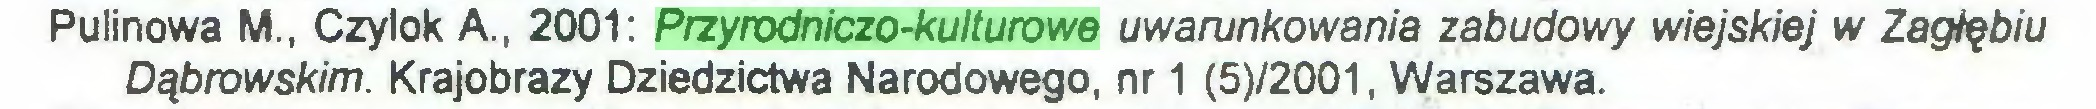 (...) Pulinowa M., Czylok A., 2001: Przyrodniczo-kulturowe uwarunkowania zabudowy wiejskiej w Zagłębiu Dąbrowskim. Krajobrazy Dziedzictwa Narodowego, nr 1 (5)/2001, Warszawa...